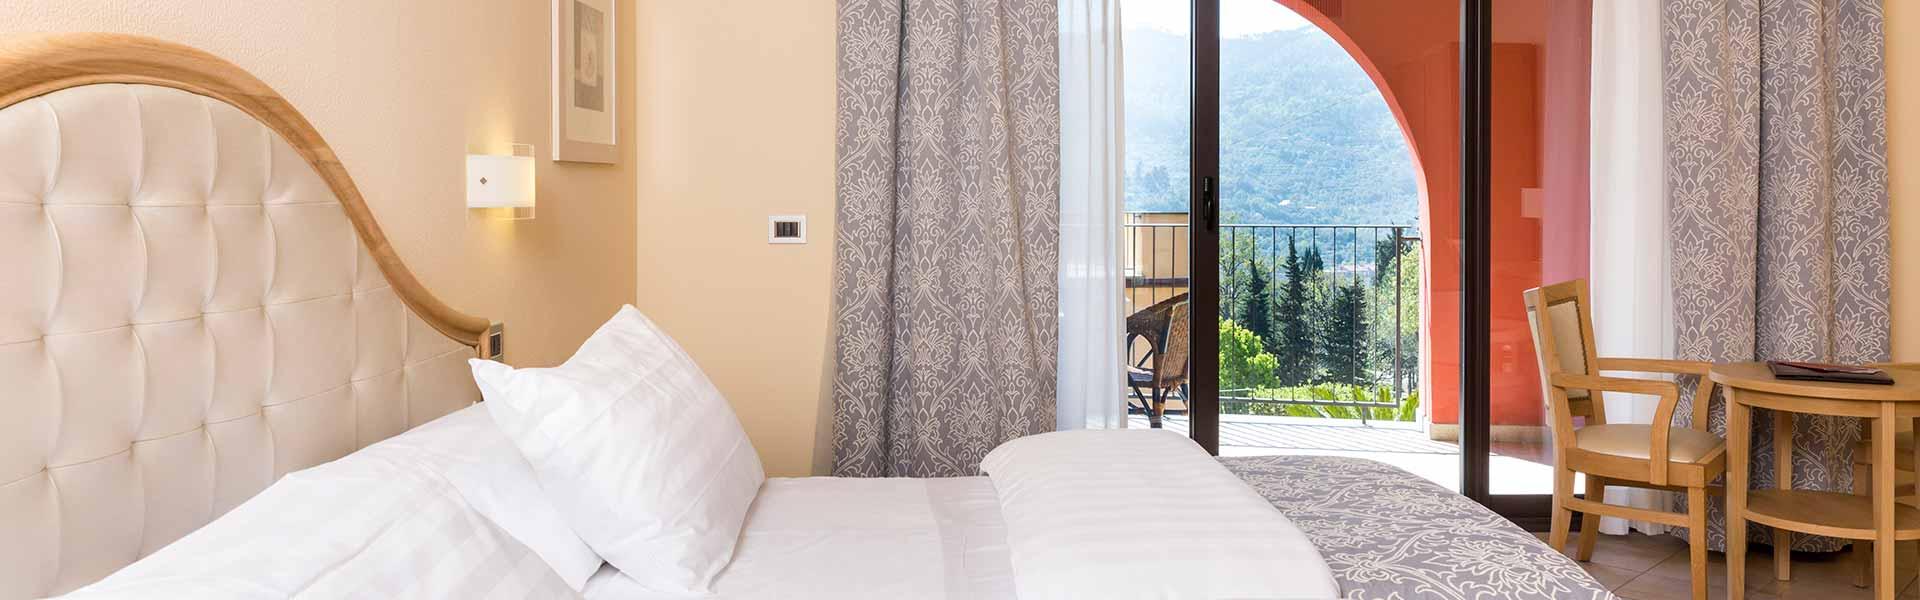 Doppelzimmer mit Balkon oder Loggia Park Hotel Argento Resort SPA Levanto